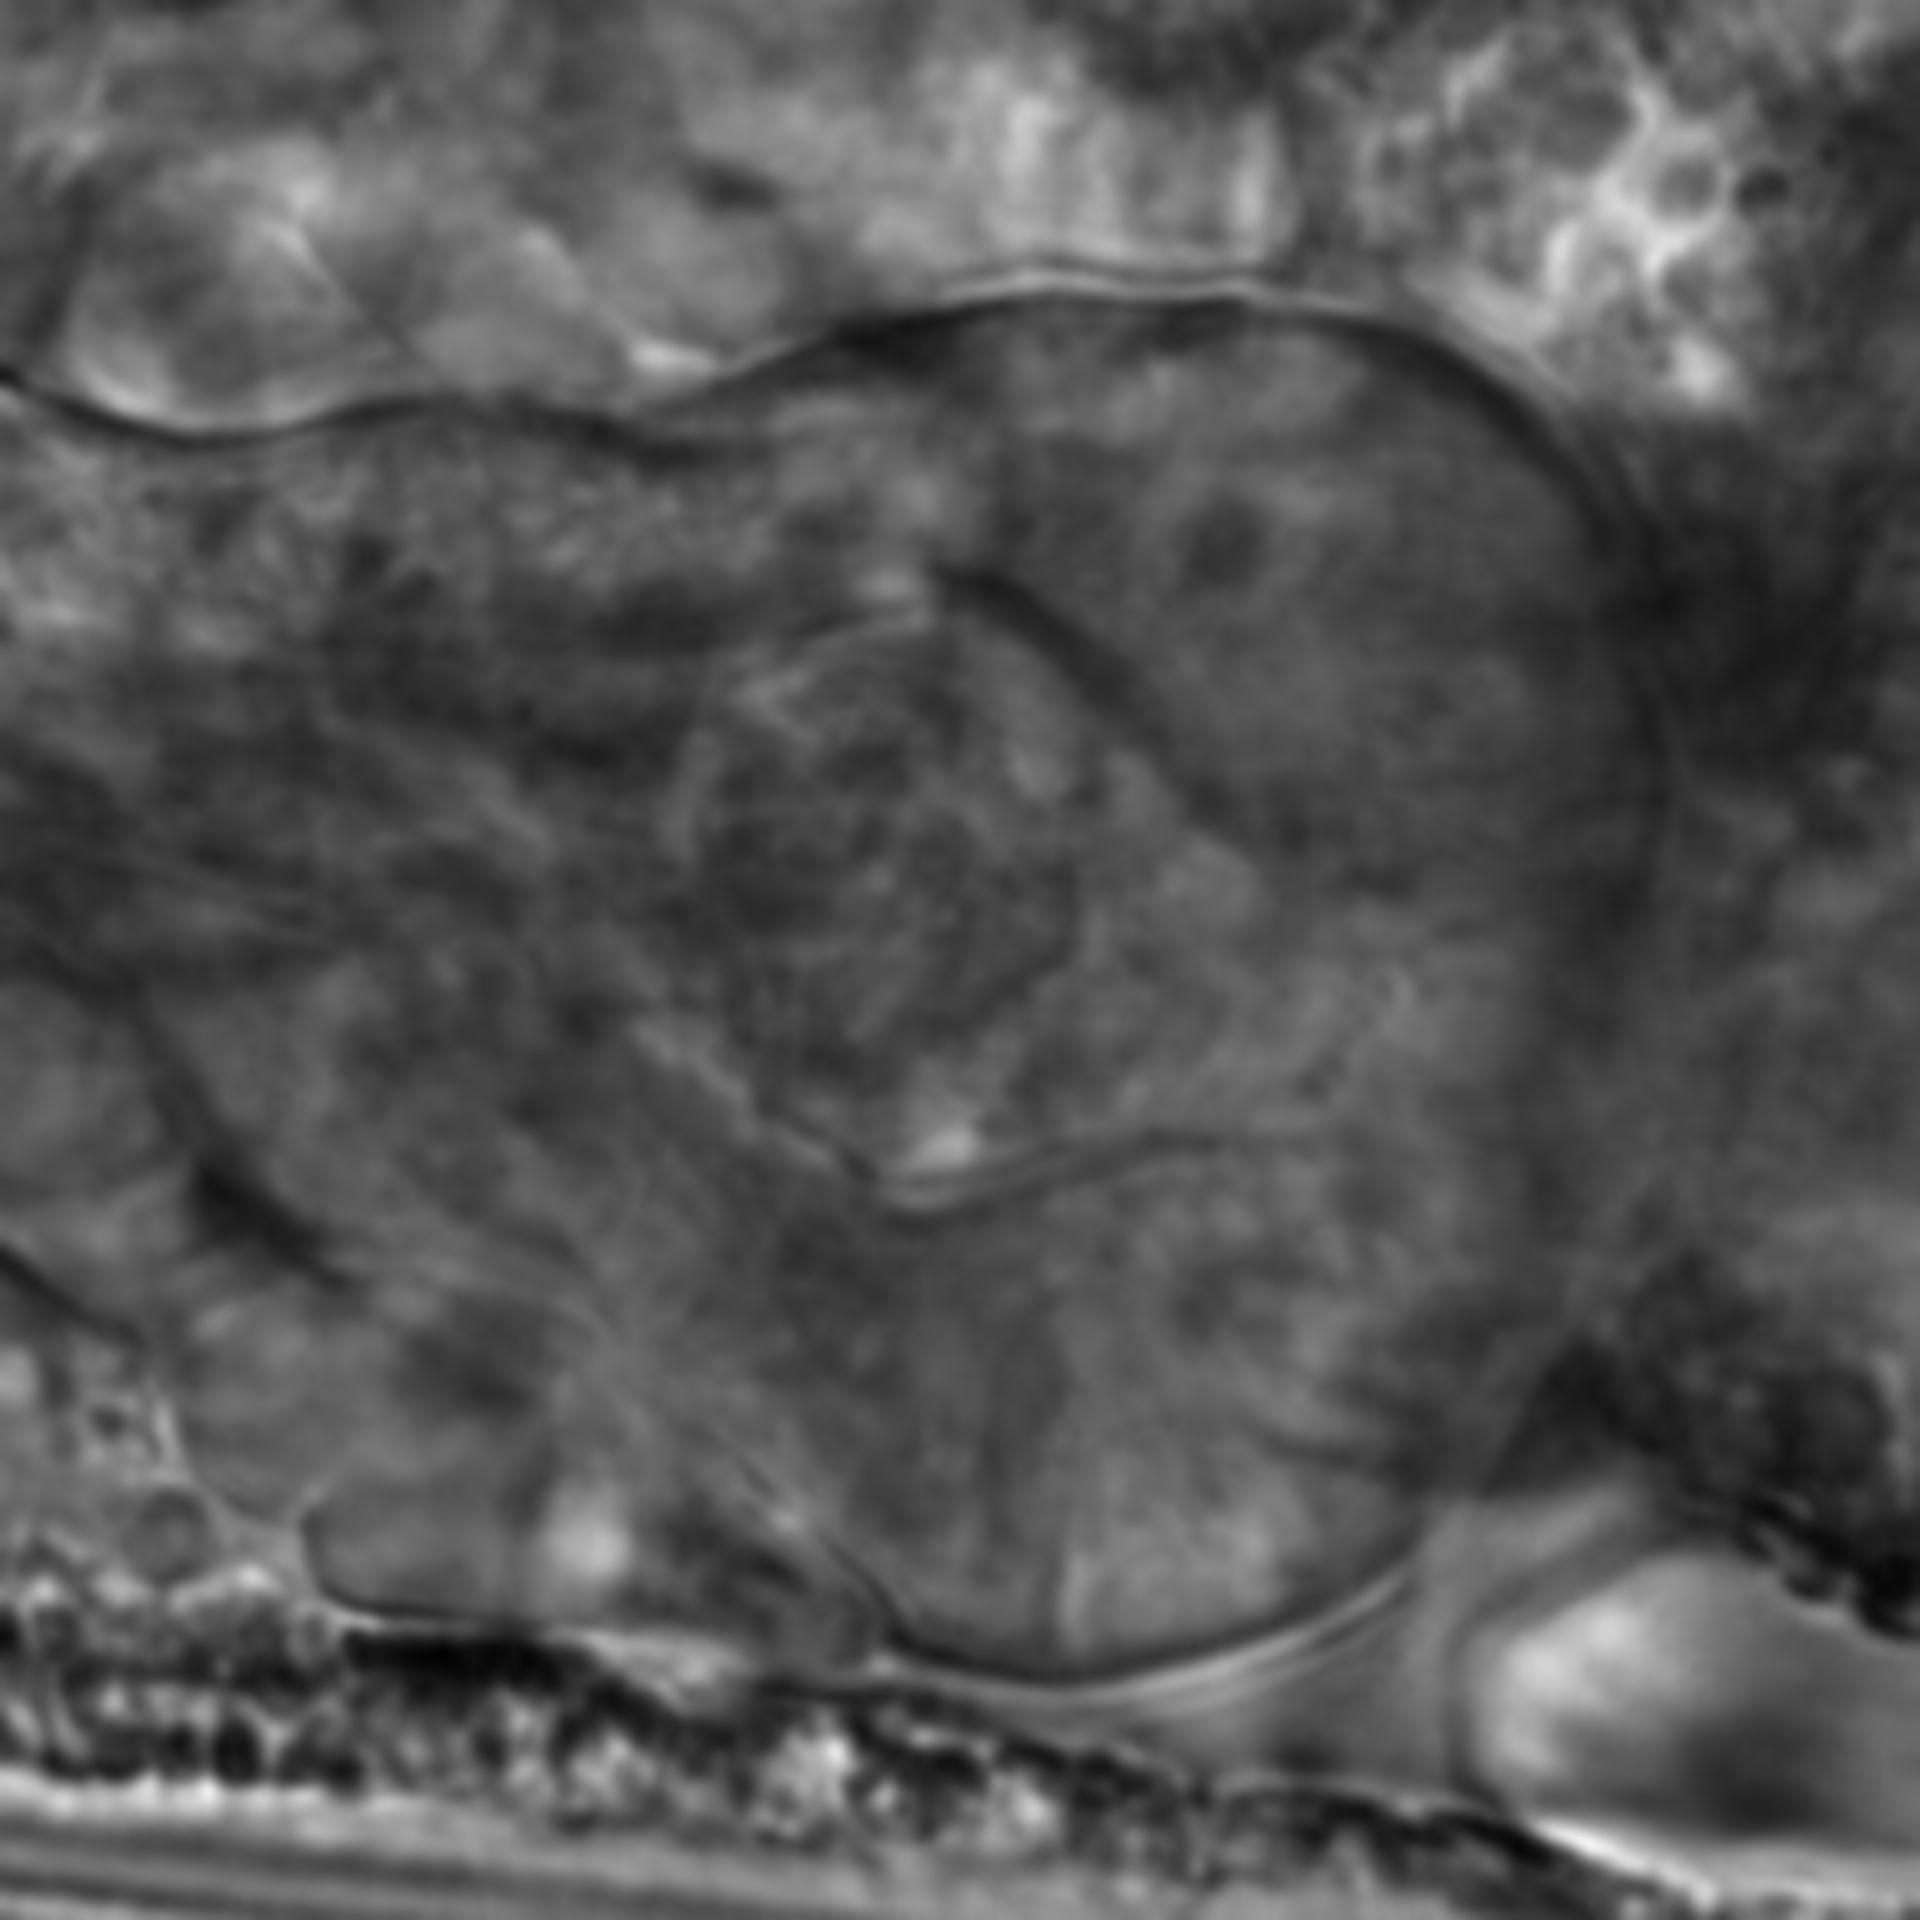 Caenorhabditis elegans - CIL:2839